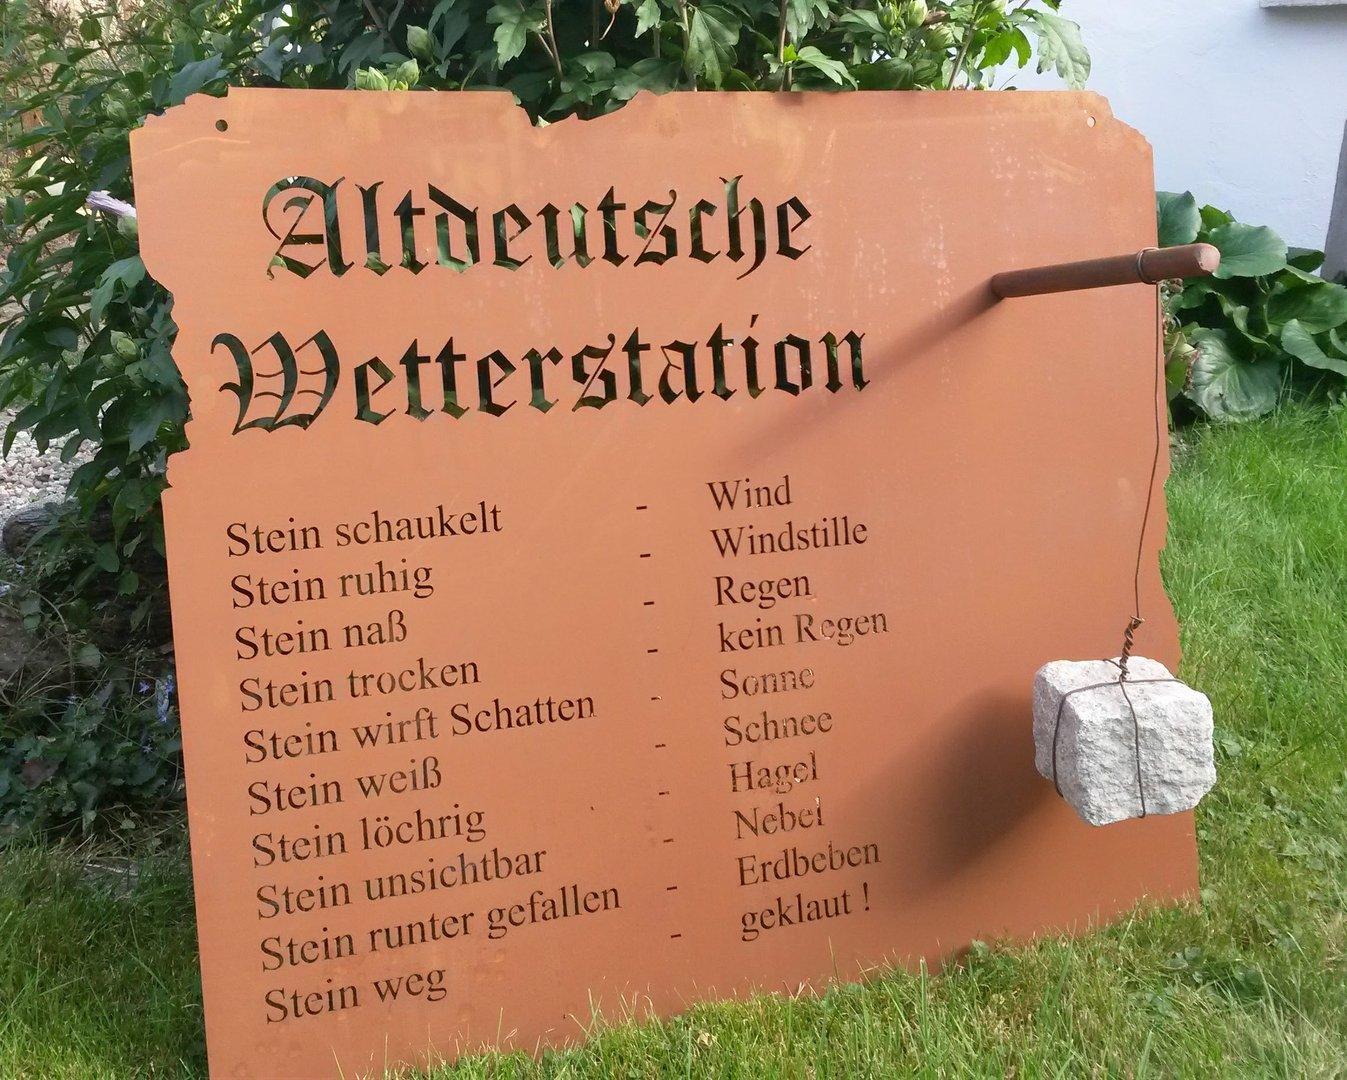 Altdeutsche wetterstation 70x82cm rost tafel garten schild for Rost deko garten deutschland